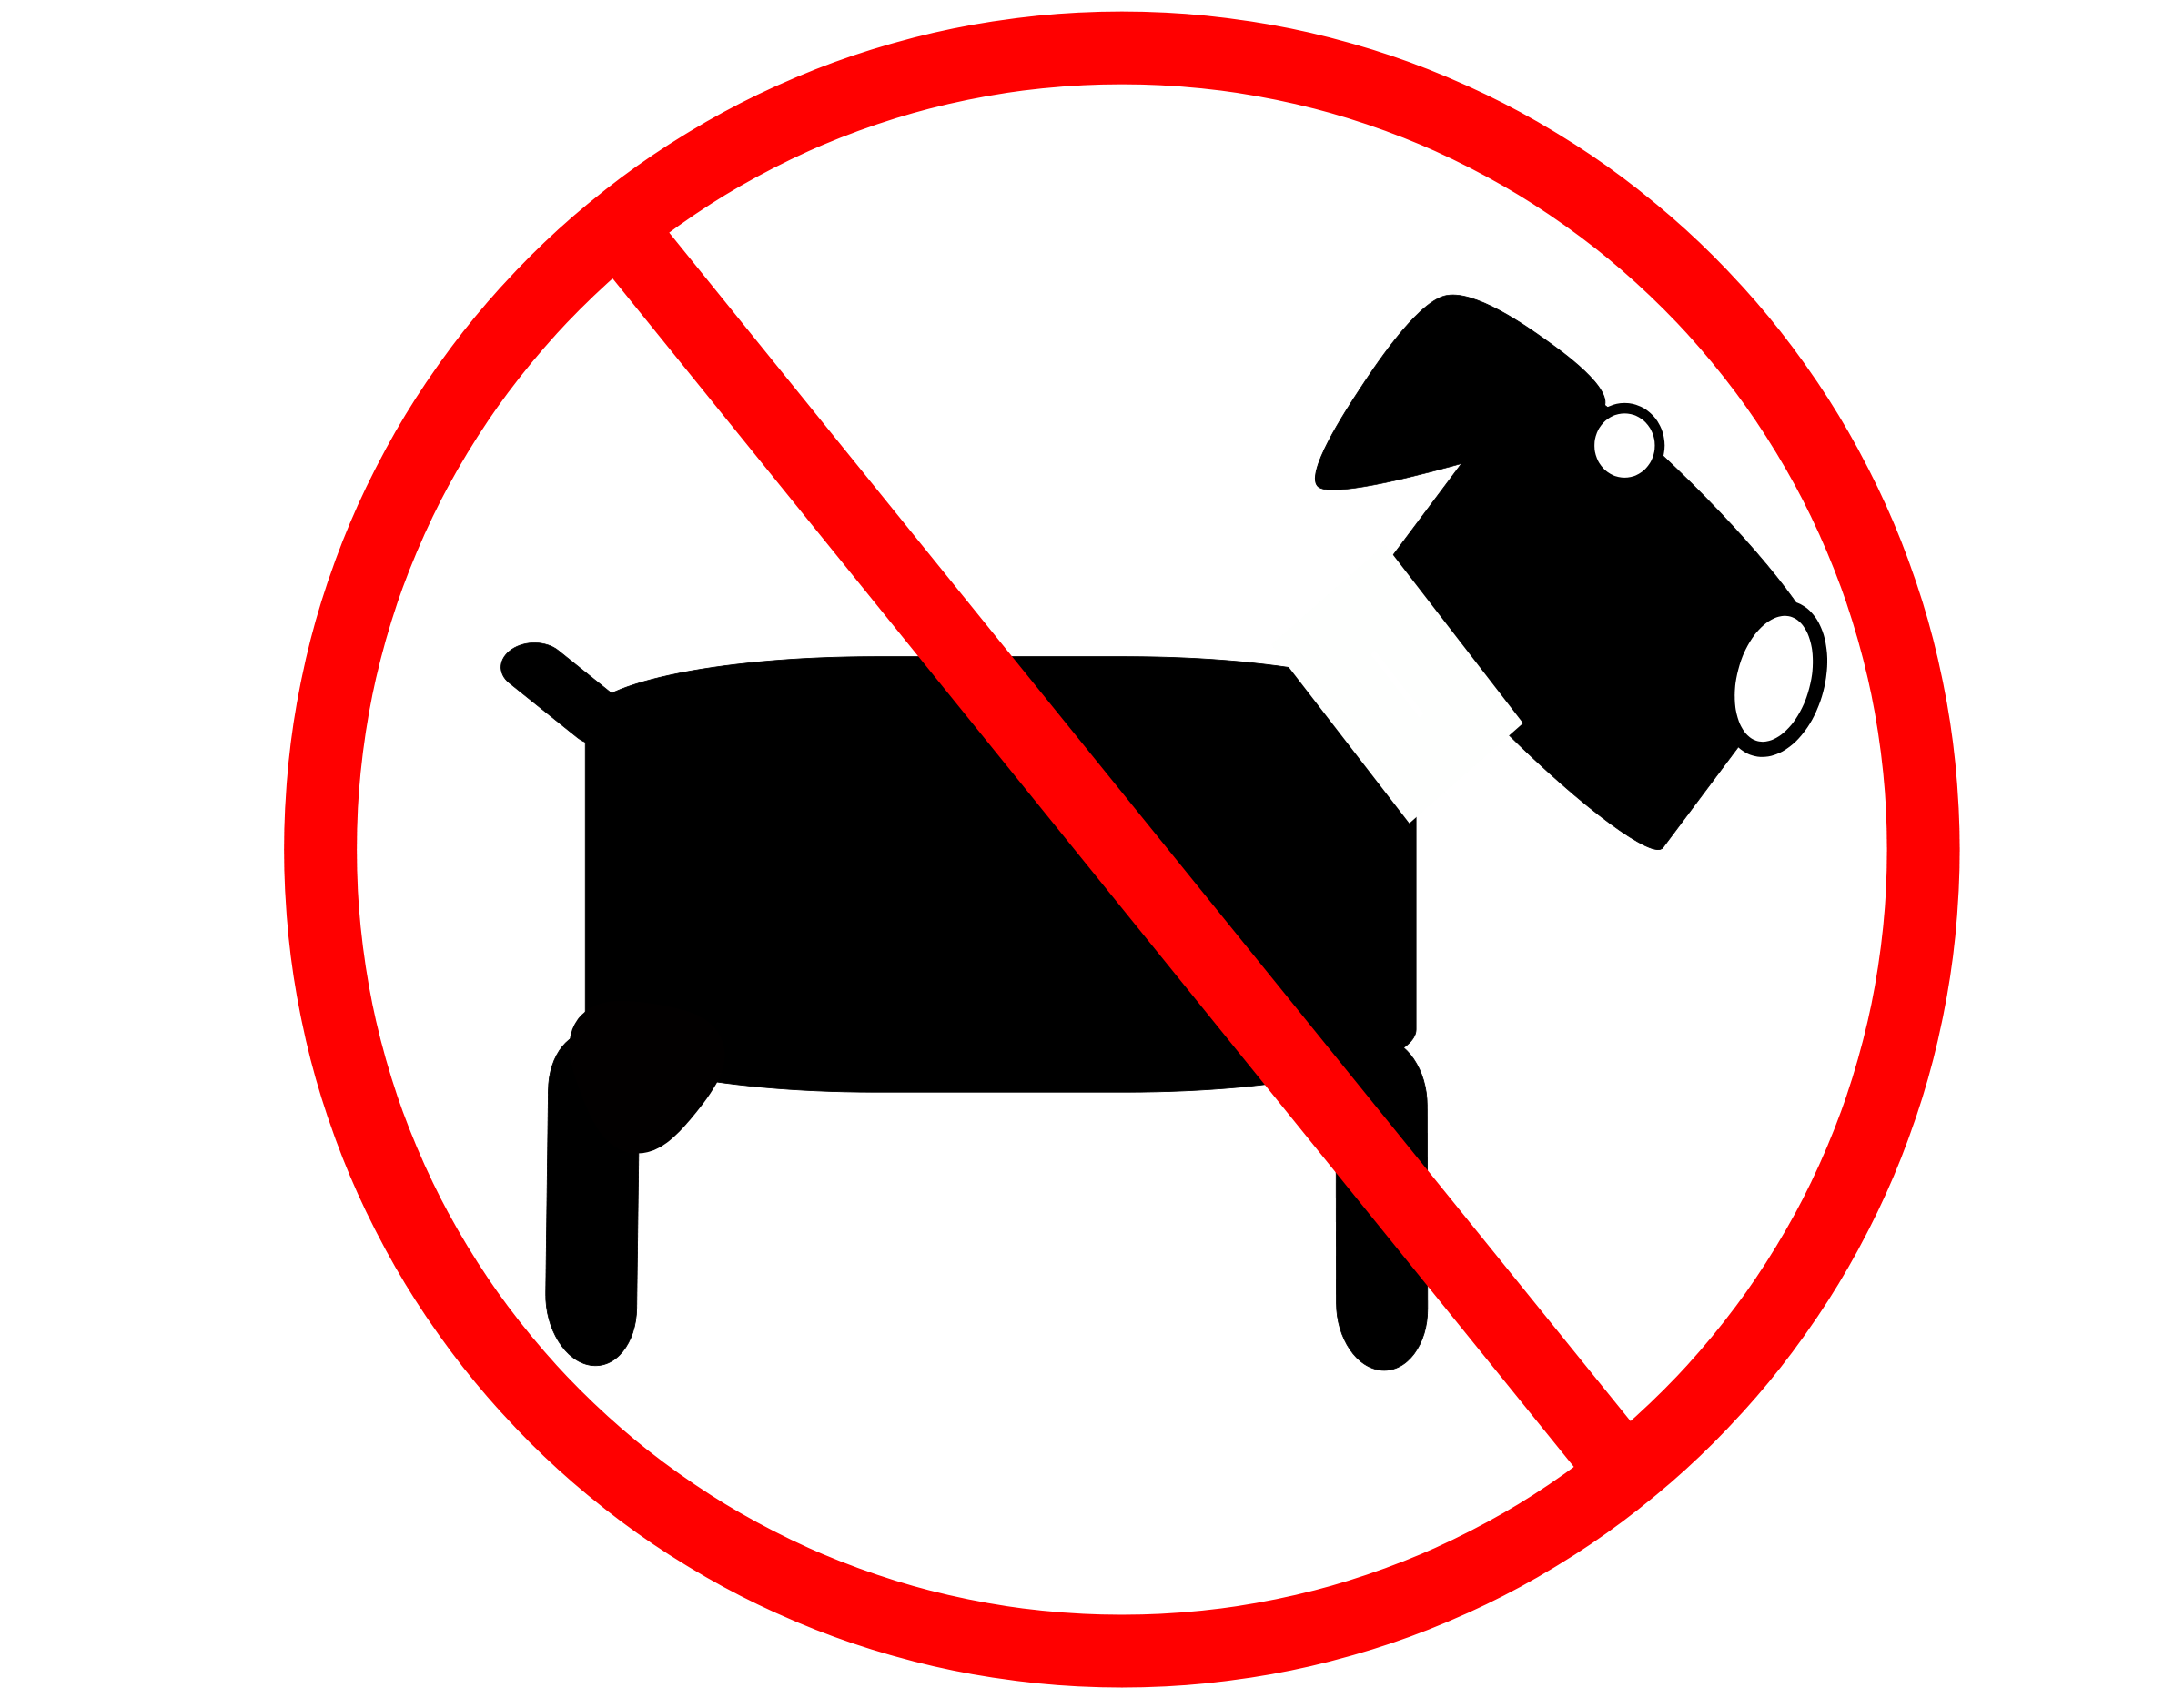 Prohibido ingresar con Mascotas